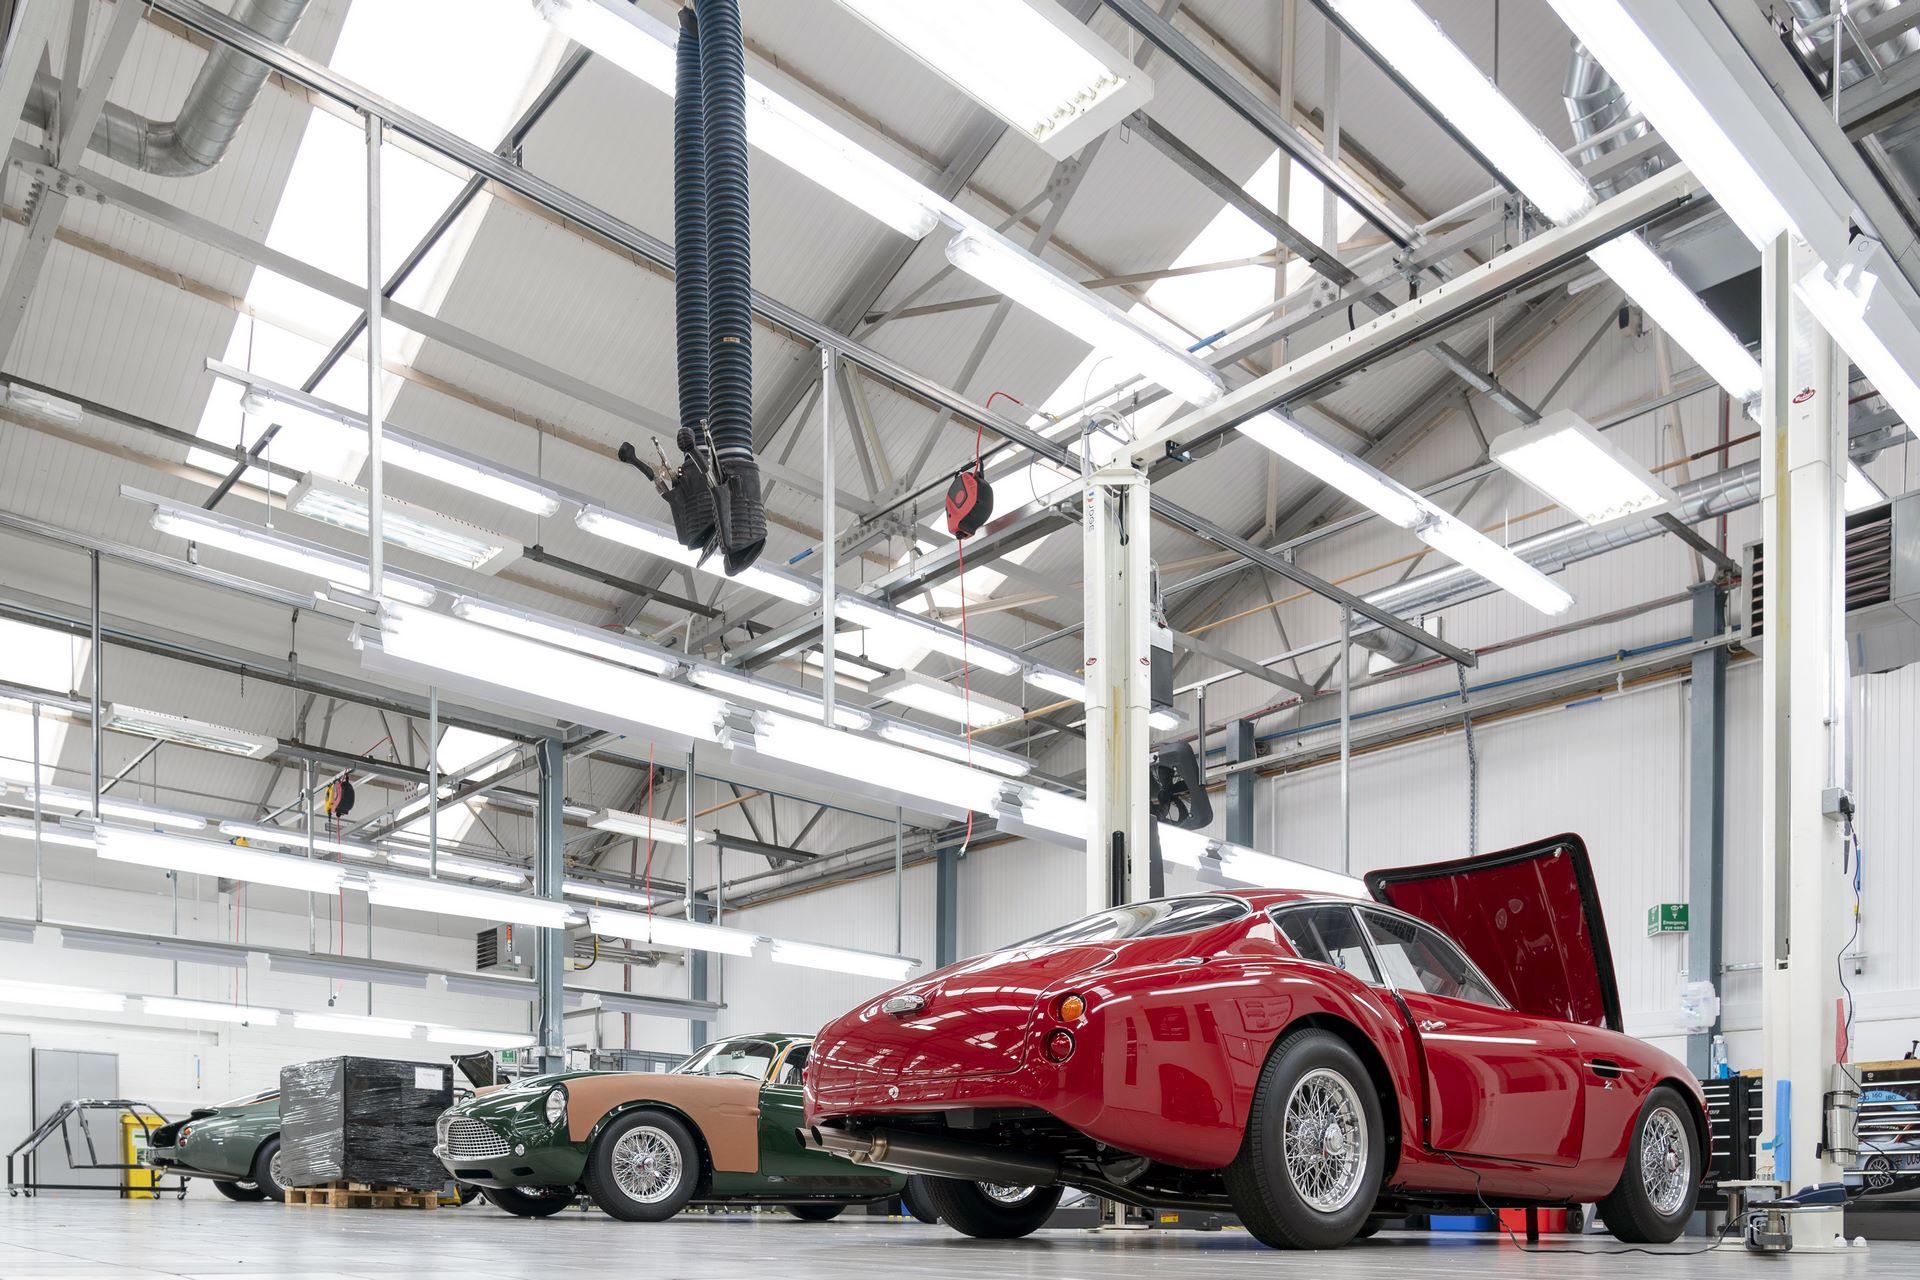 Aston-Martin-DB4-GT-Zagato-Continuation-first-delivery-10